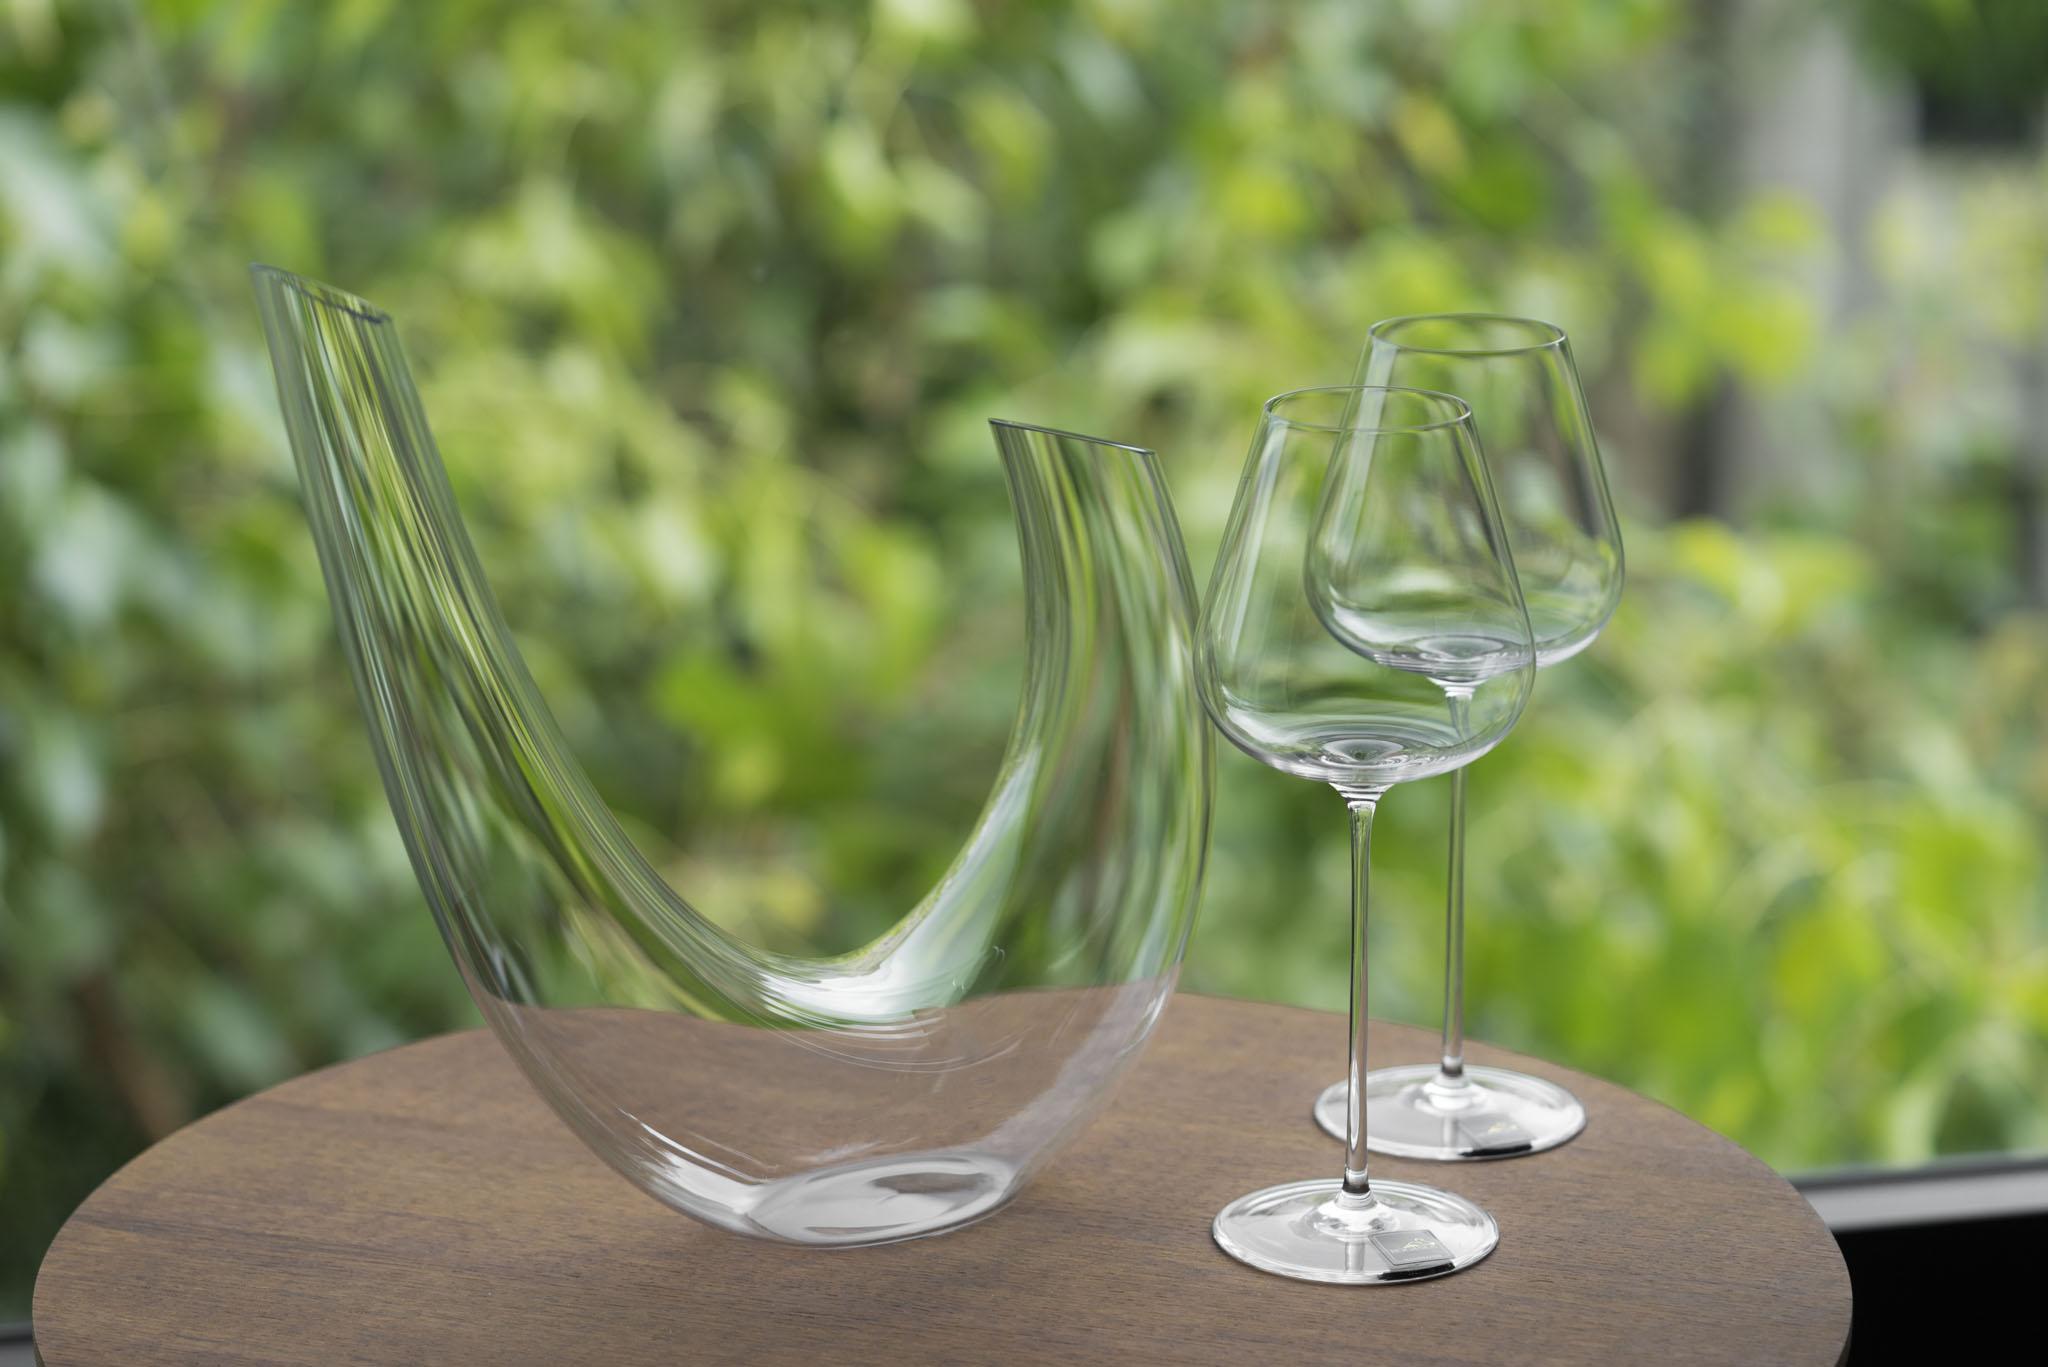 歐洲 ROGASKA 水晶玻璃 AUREA 極光奧瑞亞 白酒杯 24cm 2支裝